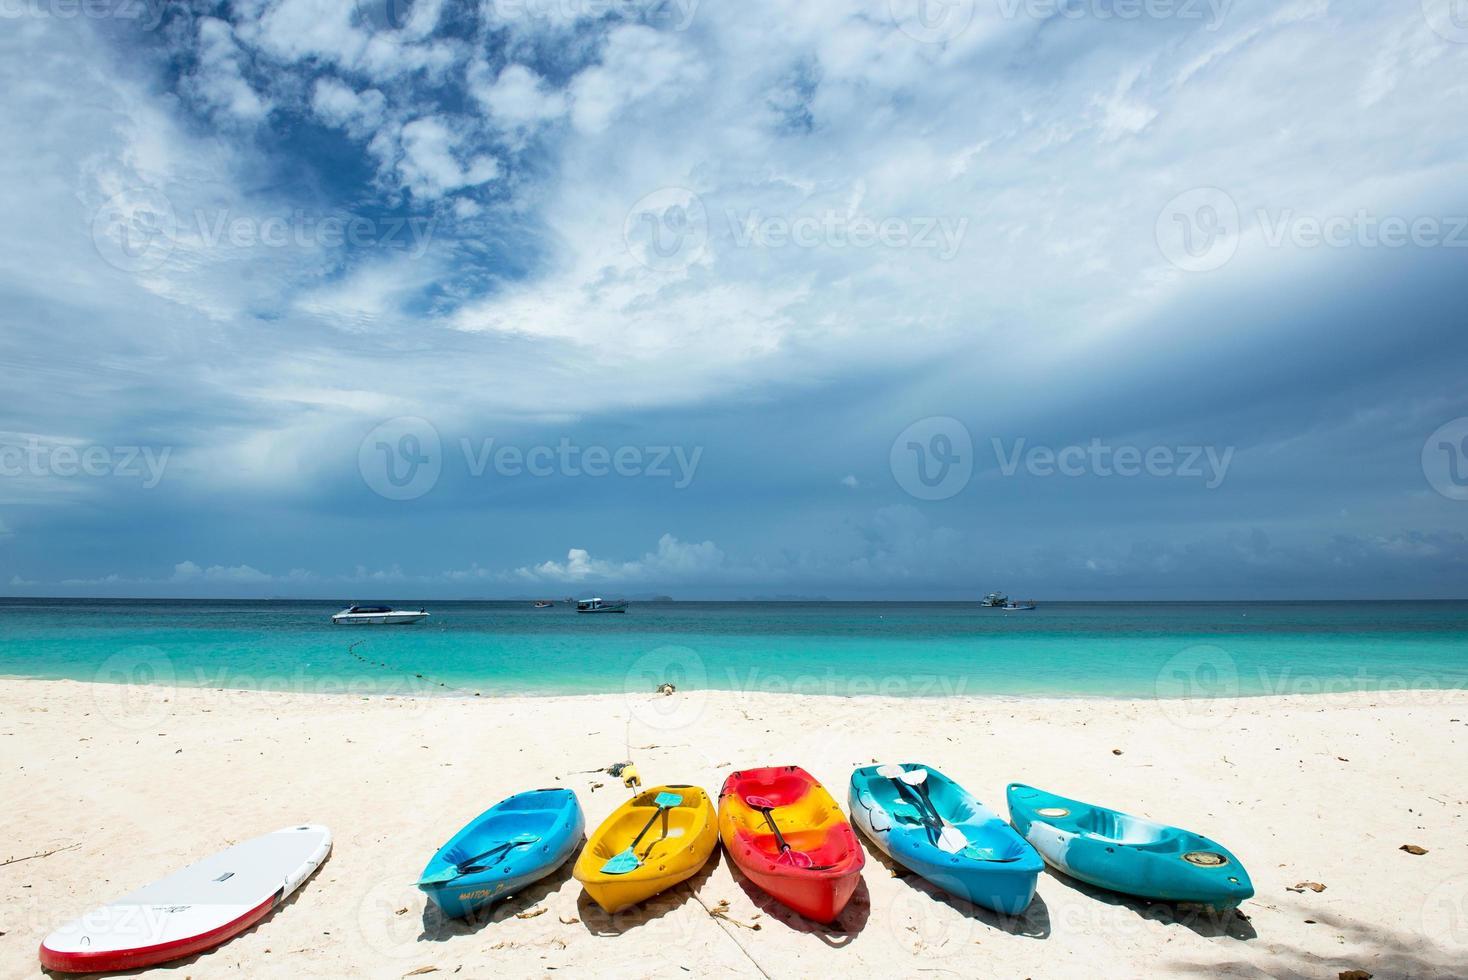 Kajak fahren am schönen Strand foto